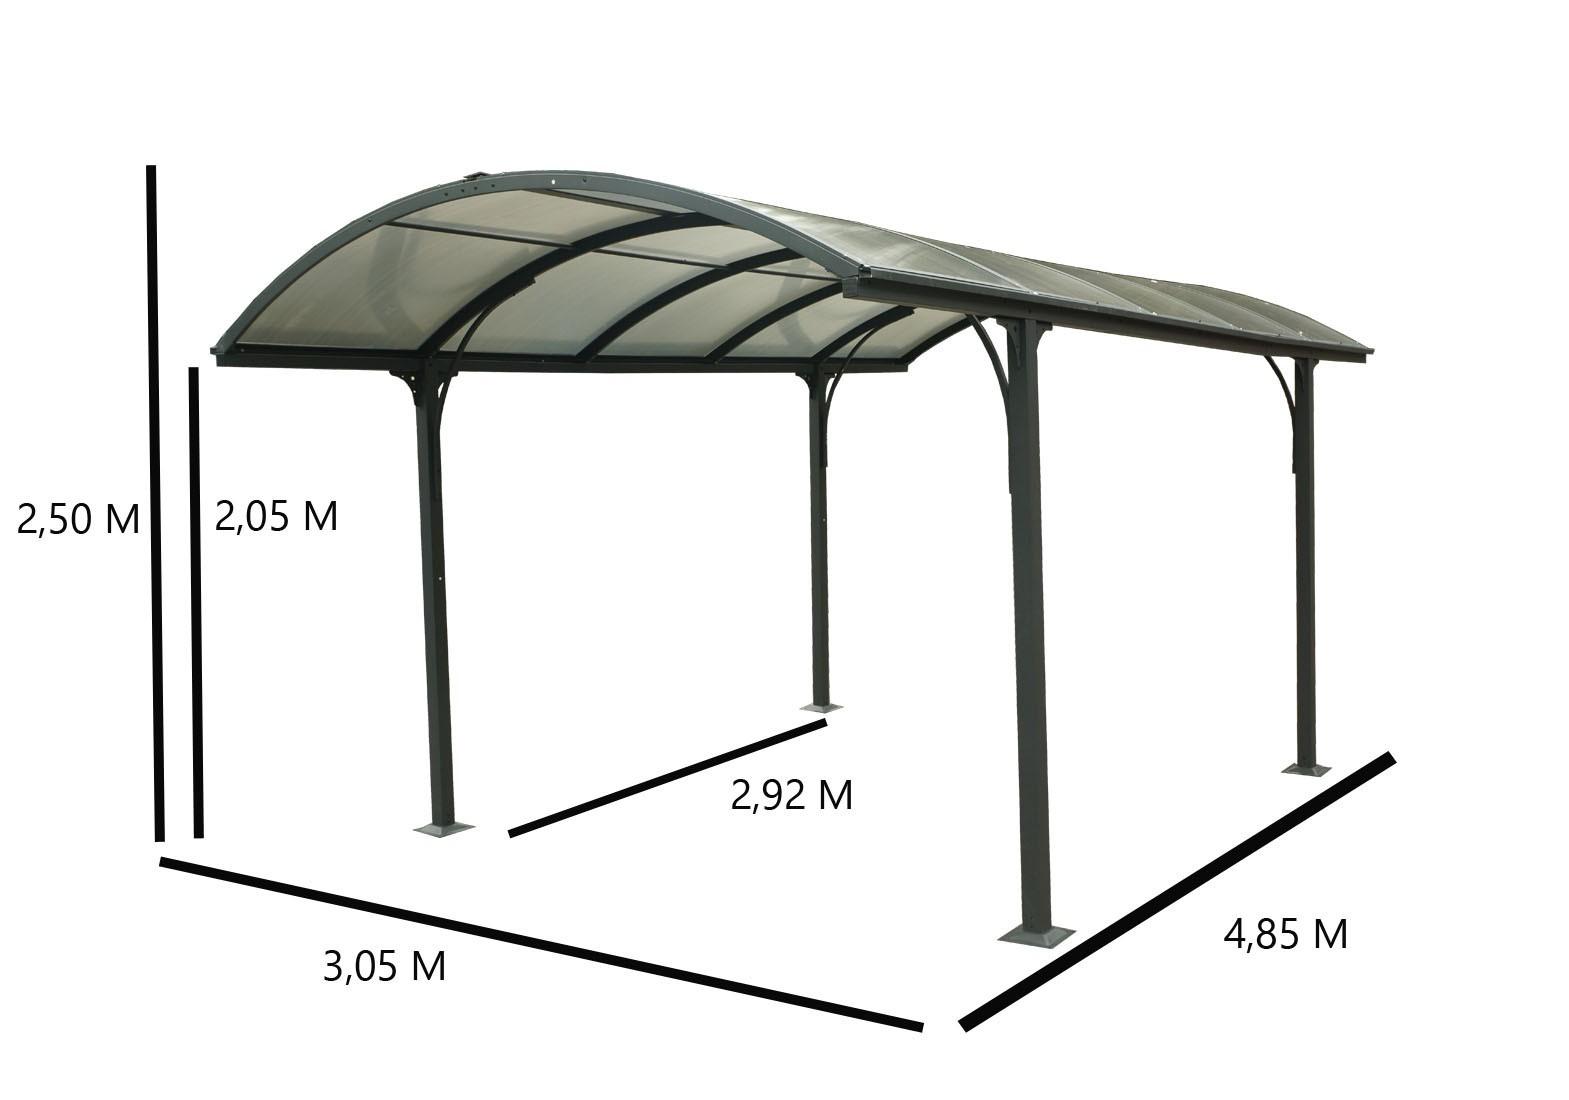 Carport aluminium toit 1/2 rond gris anthracite, Variante: Avec montage